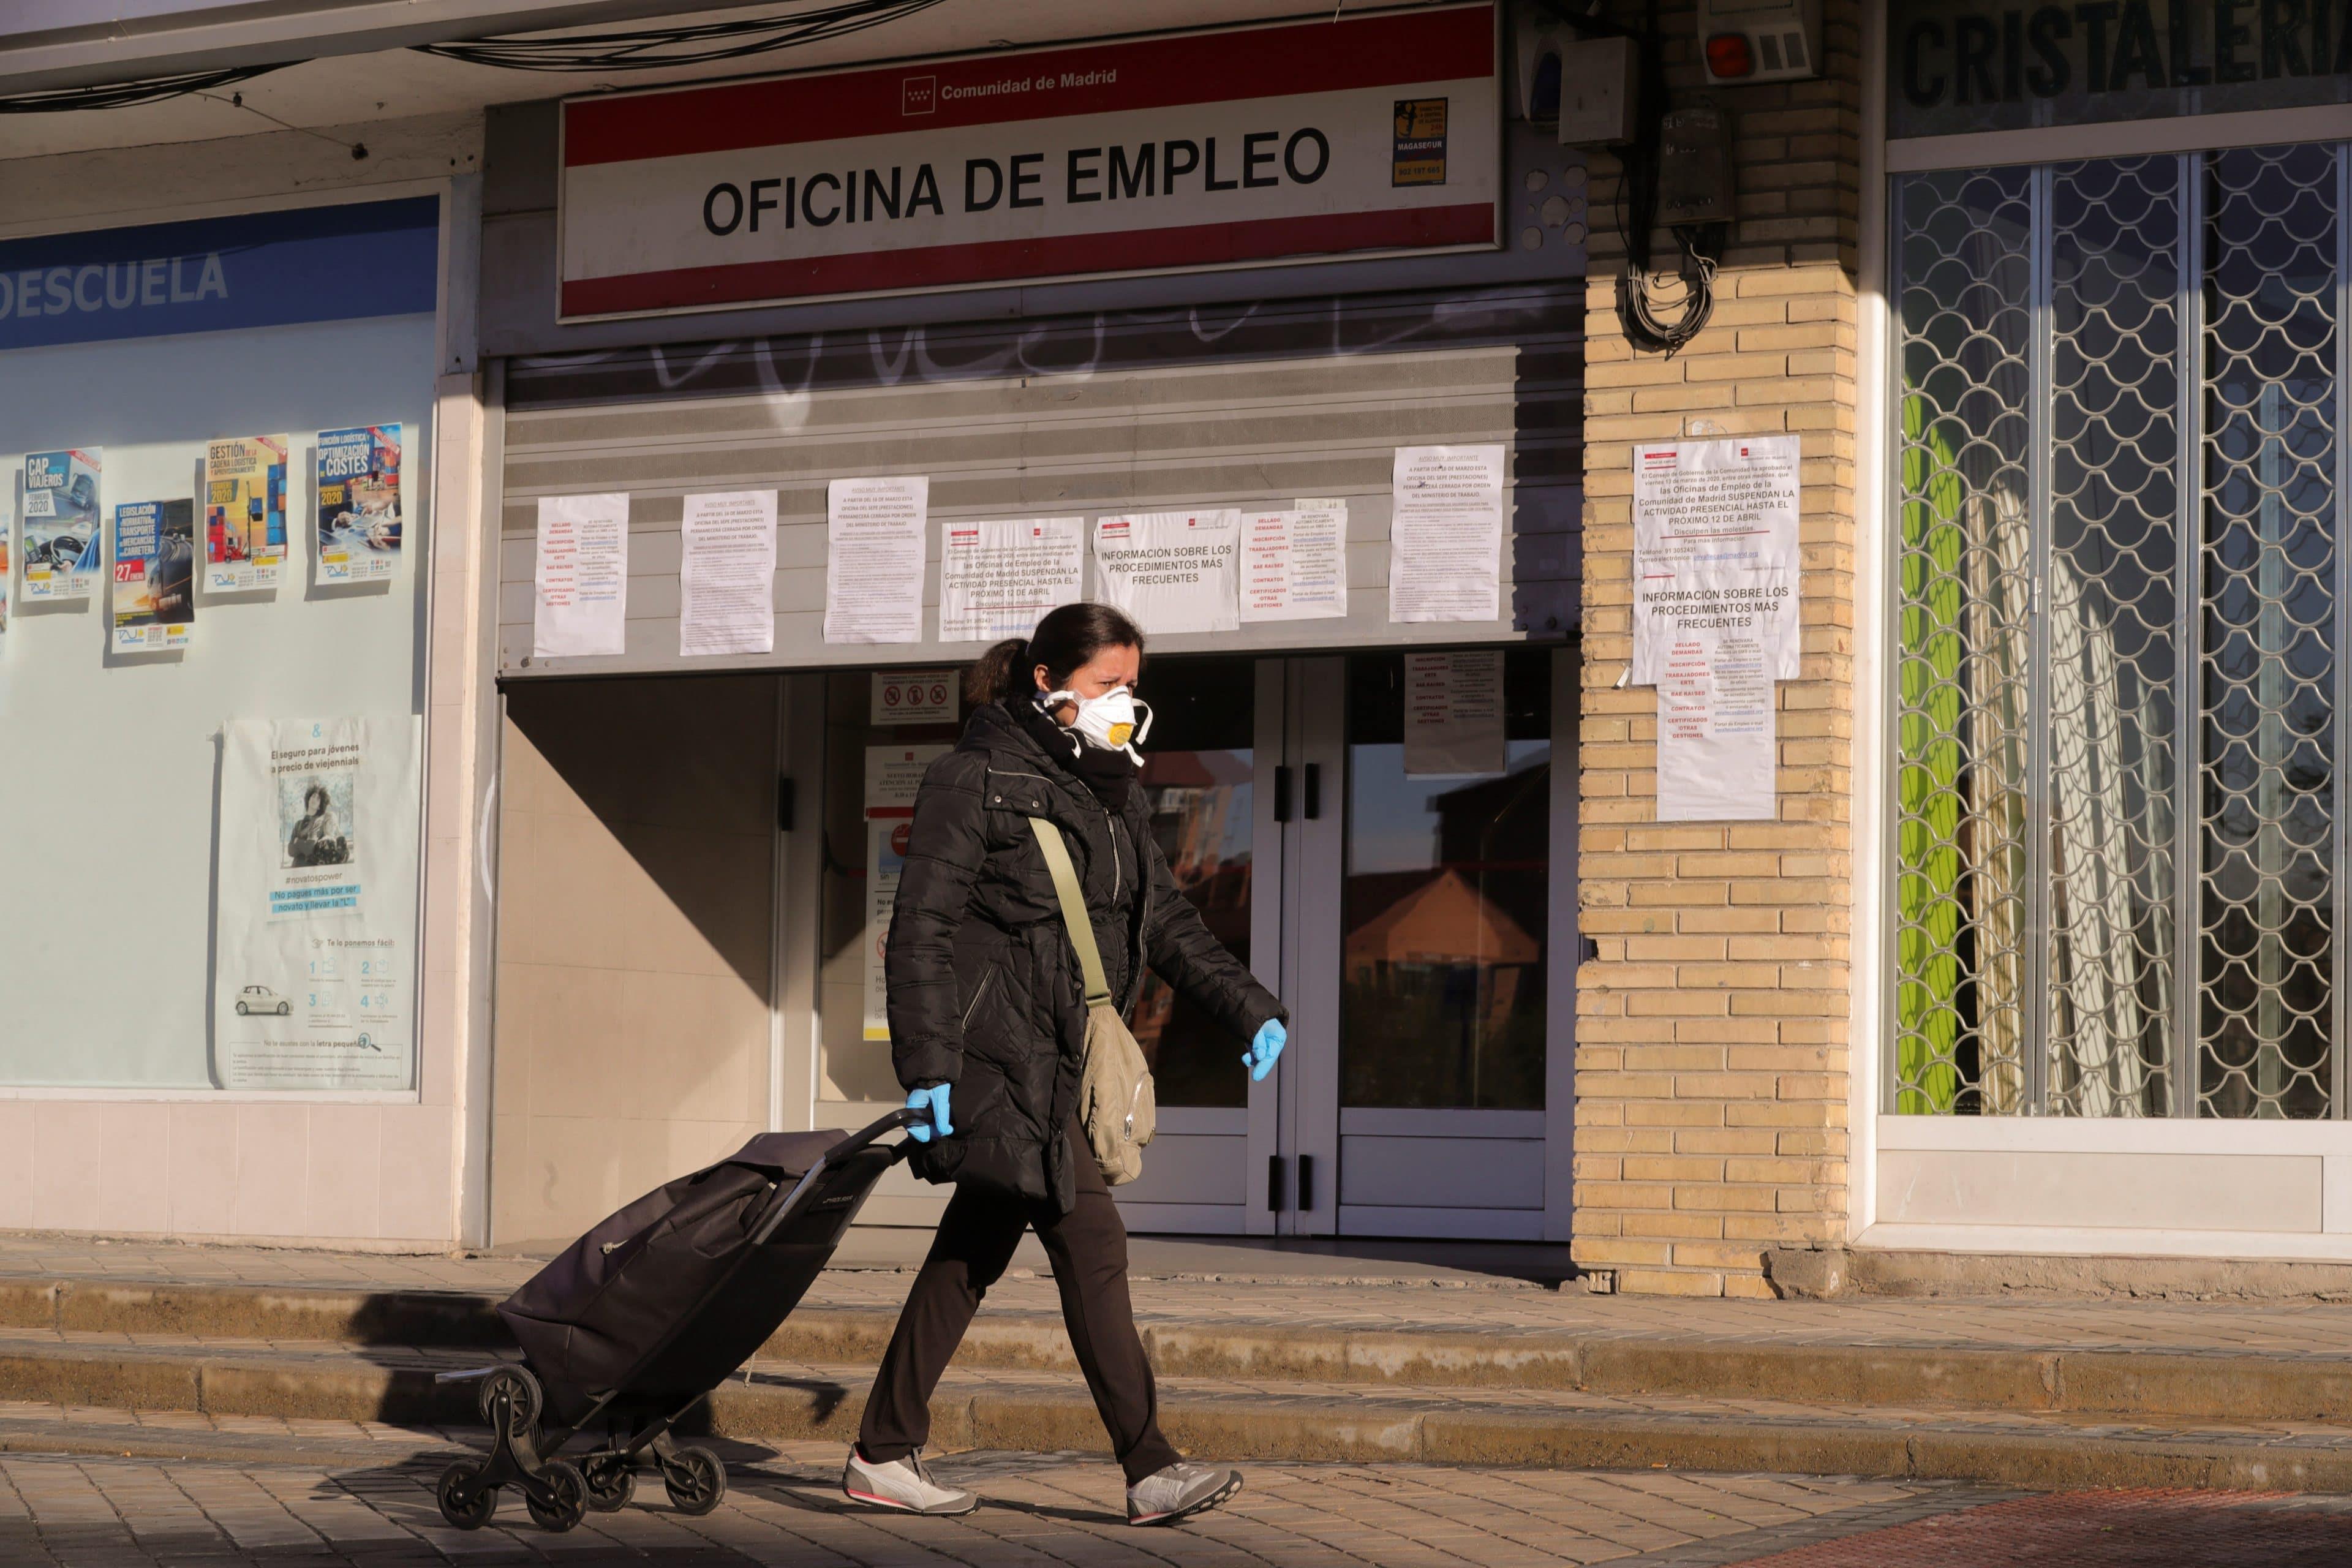 Espagne: légère hausse du chômage en juin malgré le déconfinement